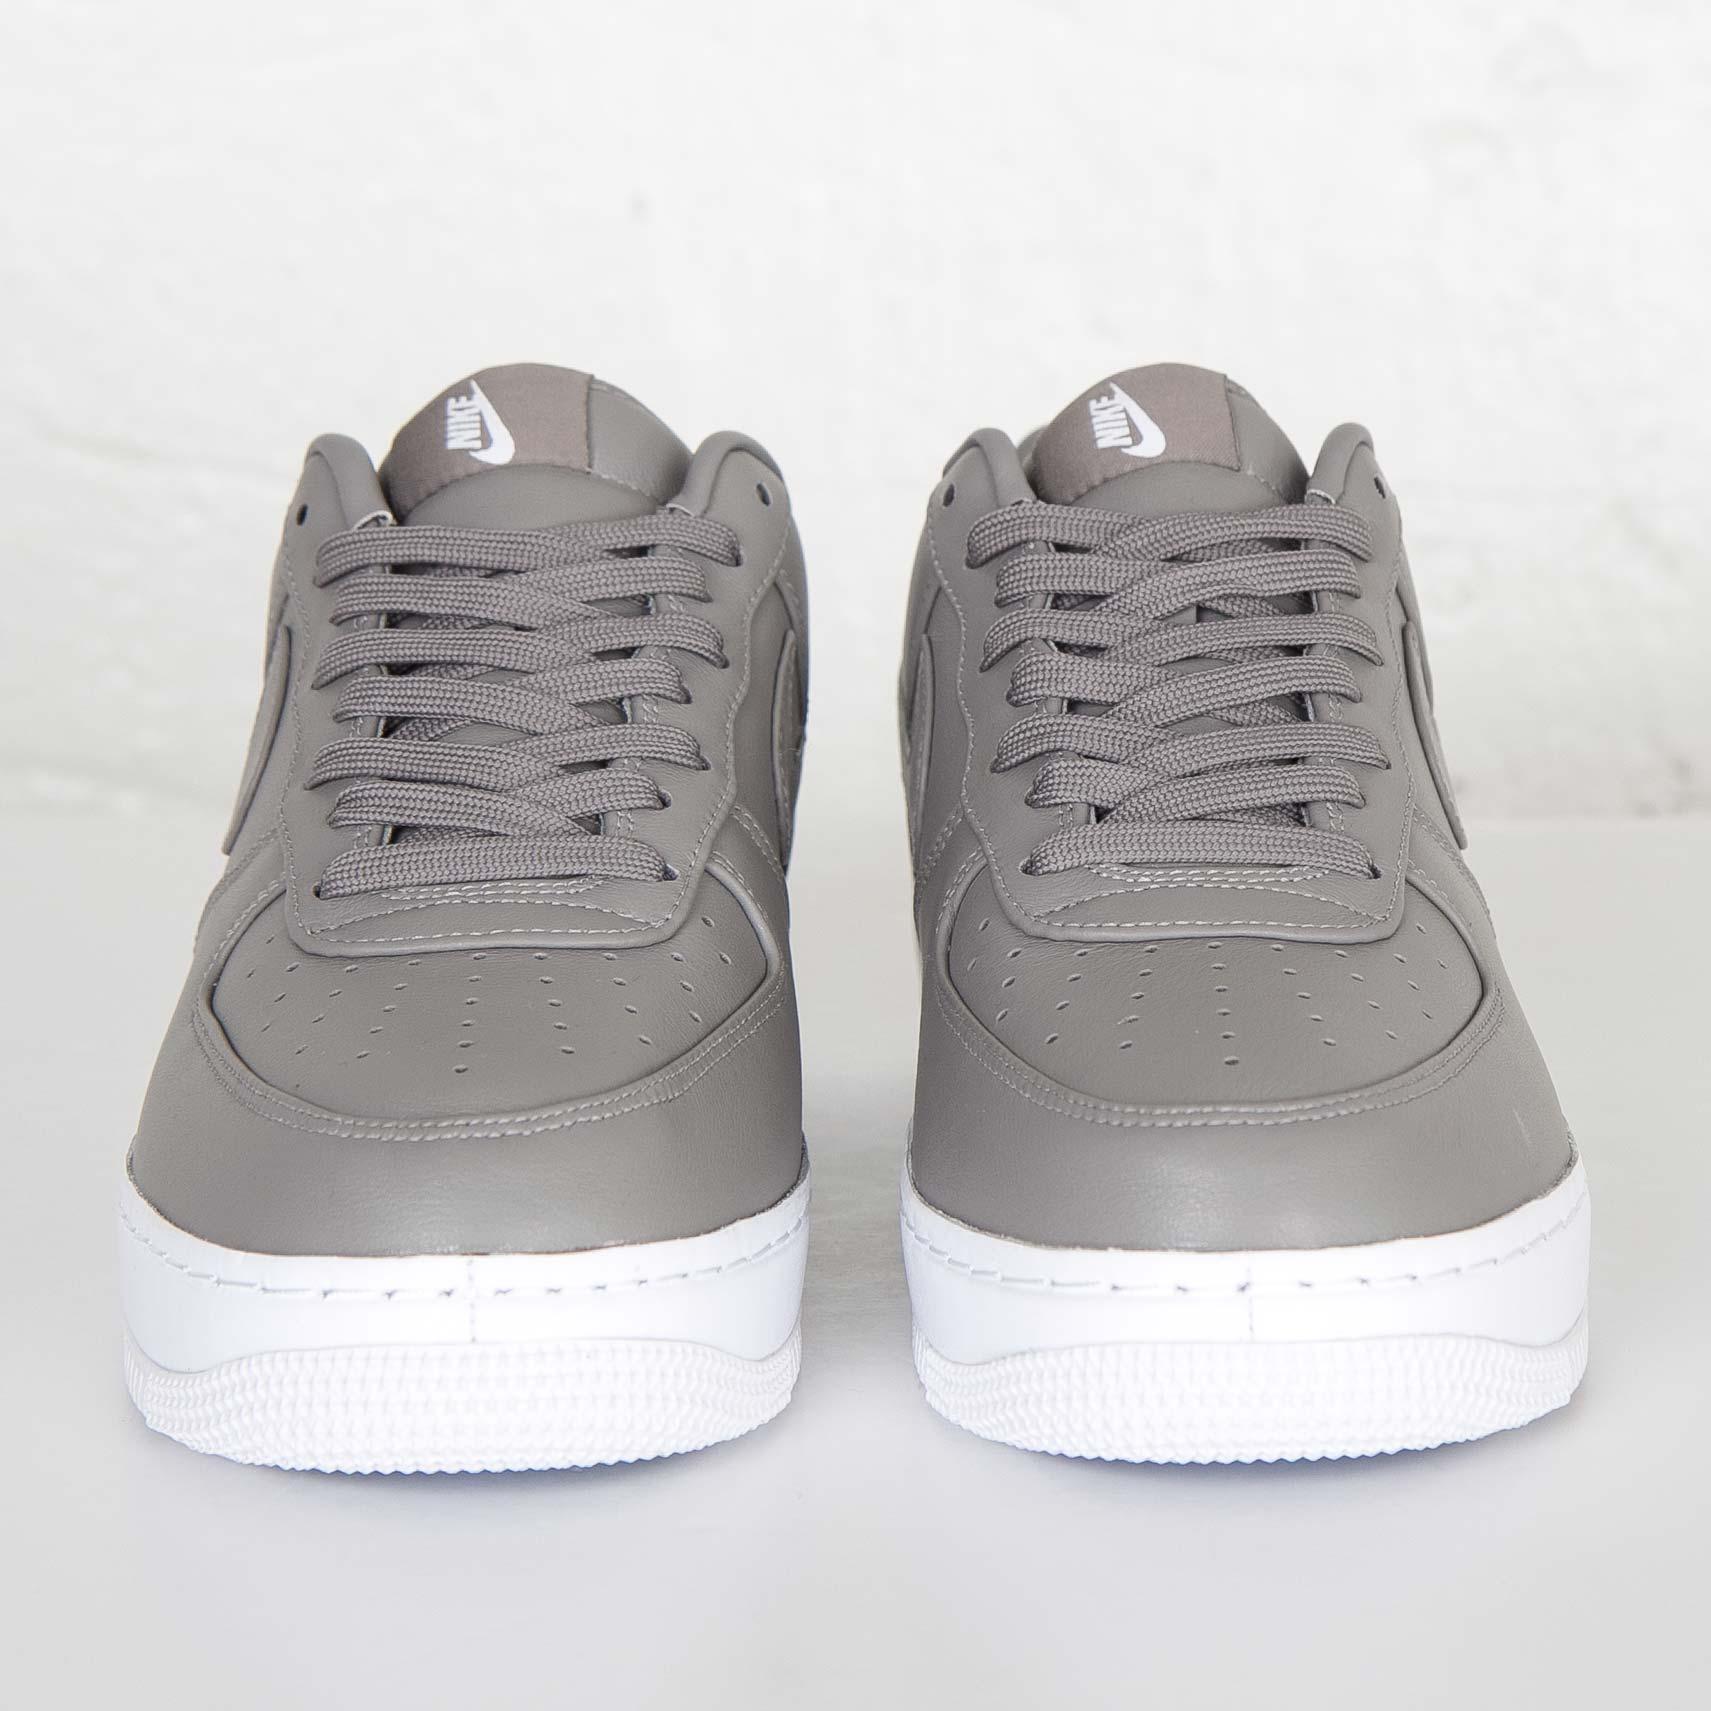 Nike NikeLab Air Force 1 Low 555106 002 Sneakersnstuff